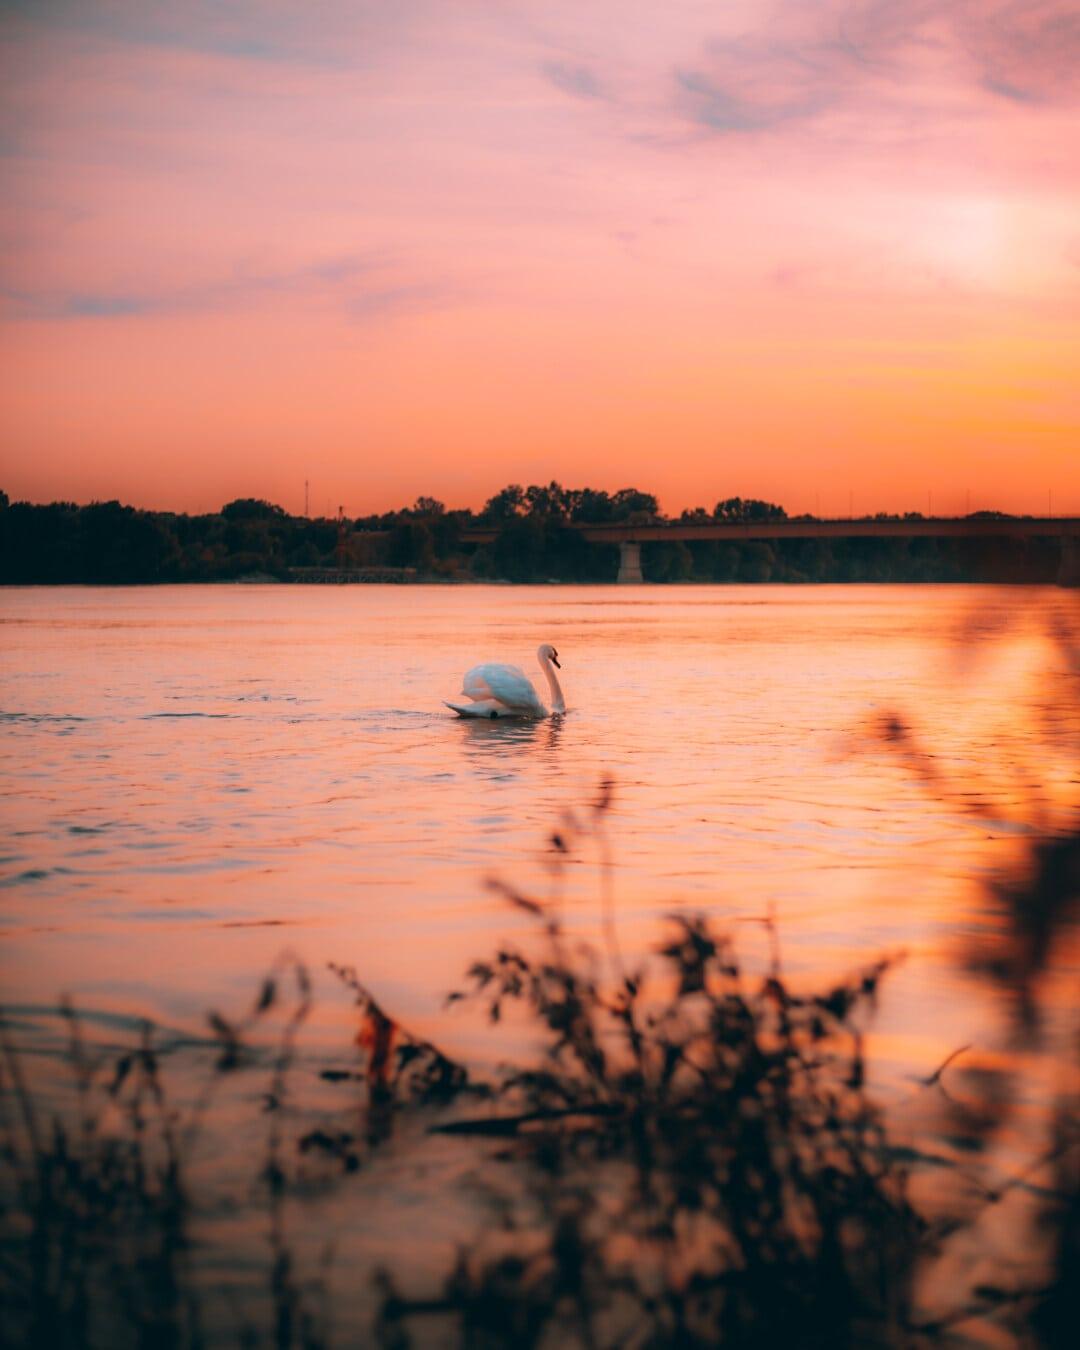 Захід сонця, Лебідь, благодать, птах, берег річки, плавання, Річка, води, сонце, озеро